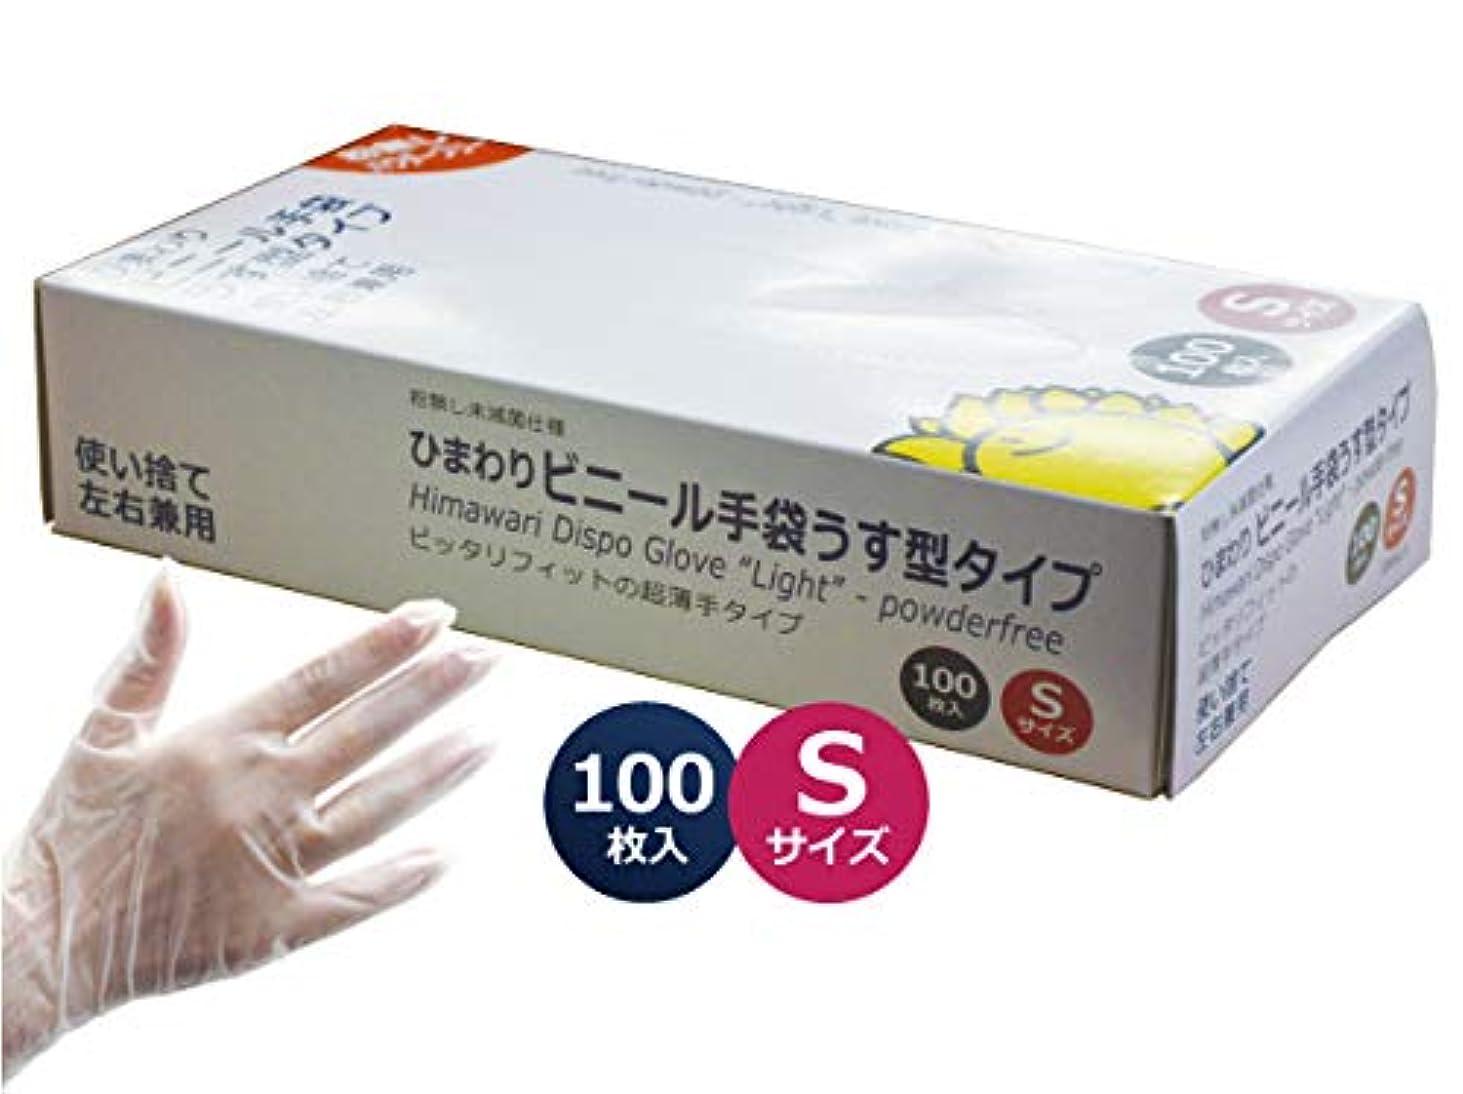 チューインガム進化する時制ビニール手袋うす型タイプ パウダーフリー Sサイズ:1小箱100枚入 プラスチック手袋 グローブ 粉無し 使い捨て 左右兼用